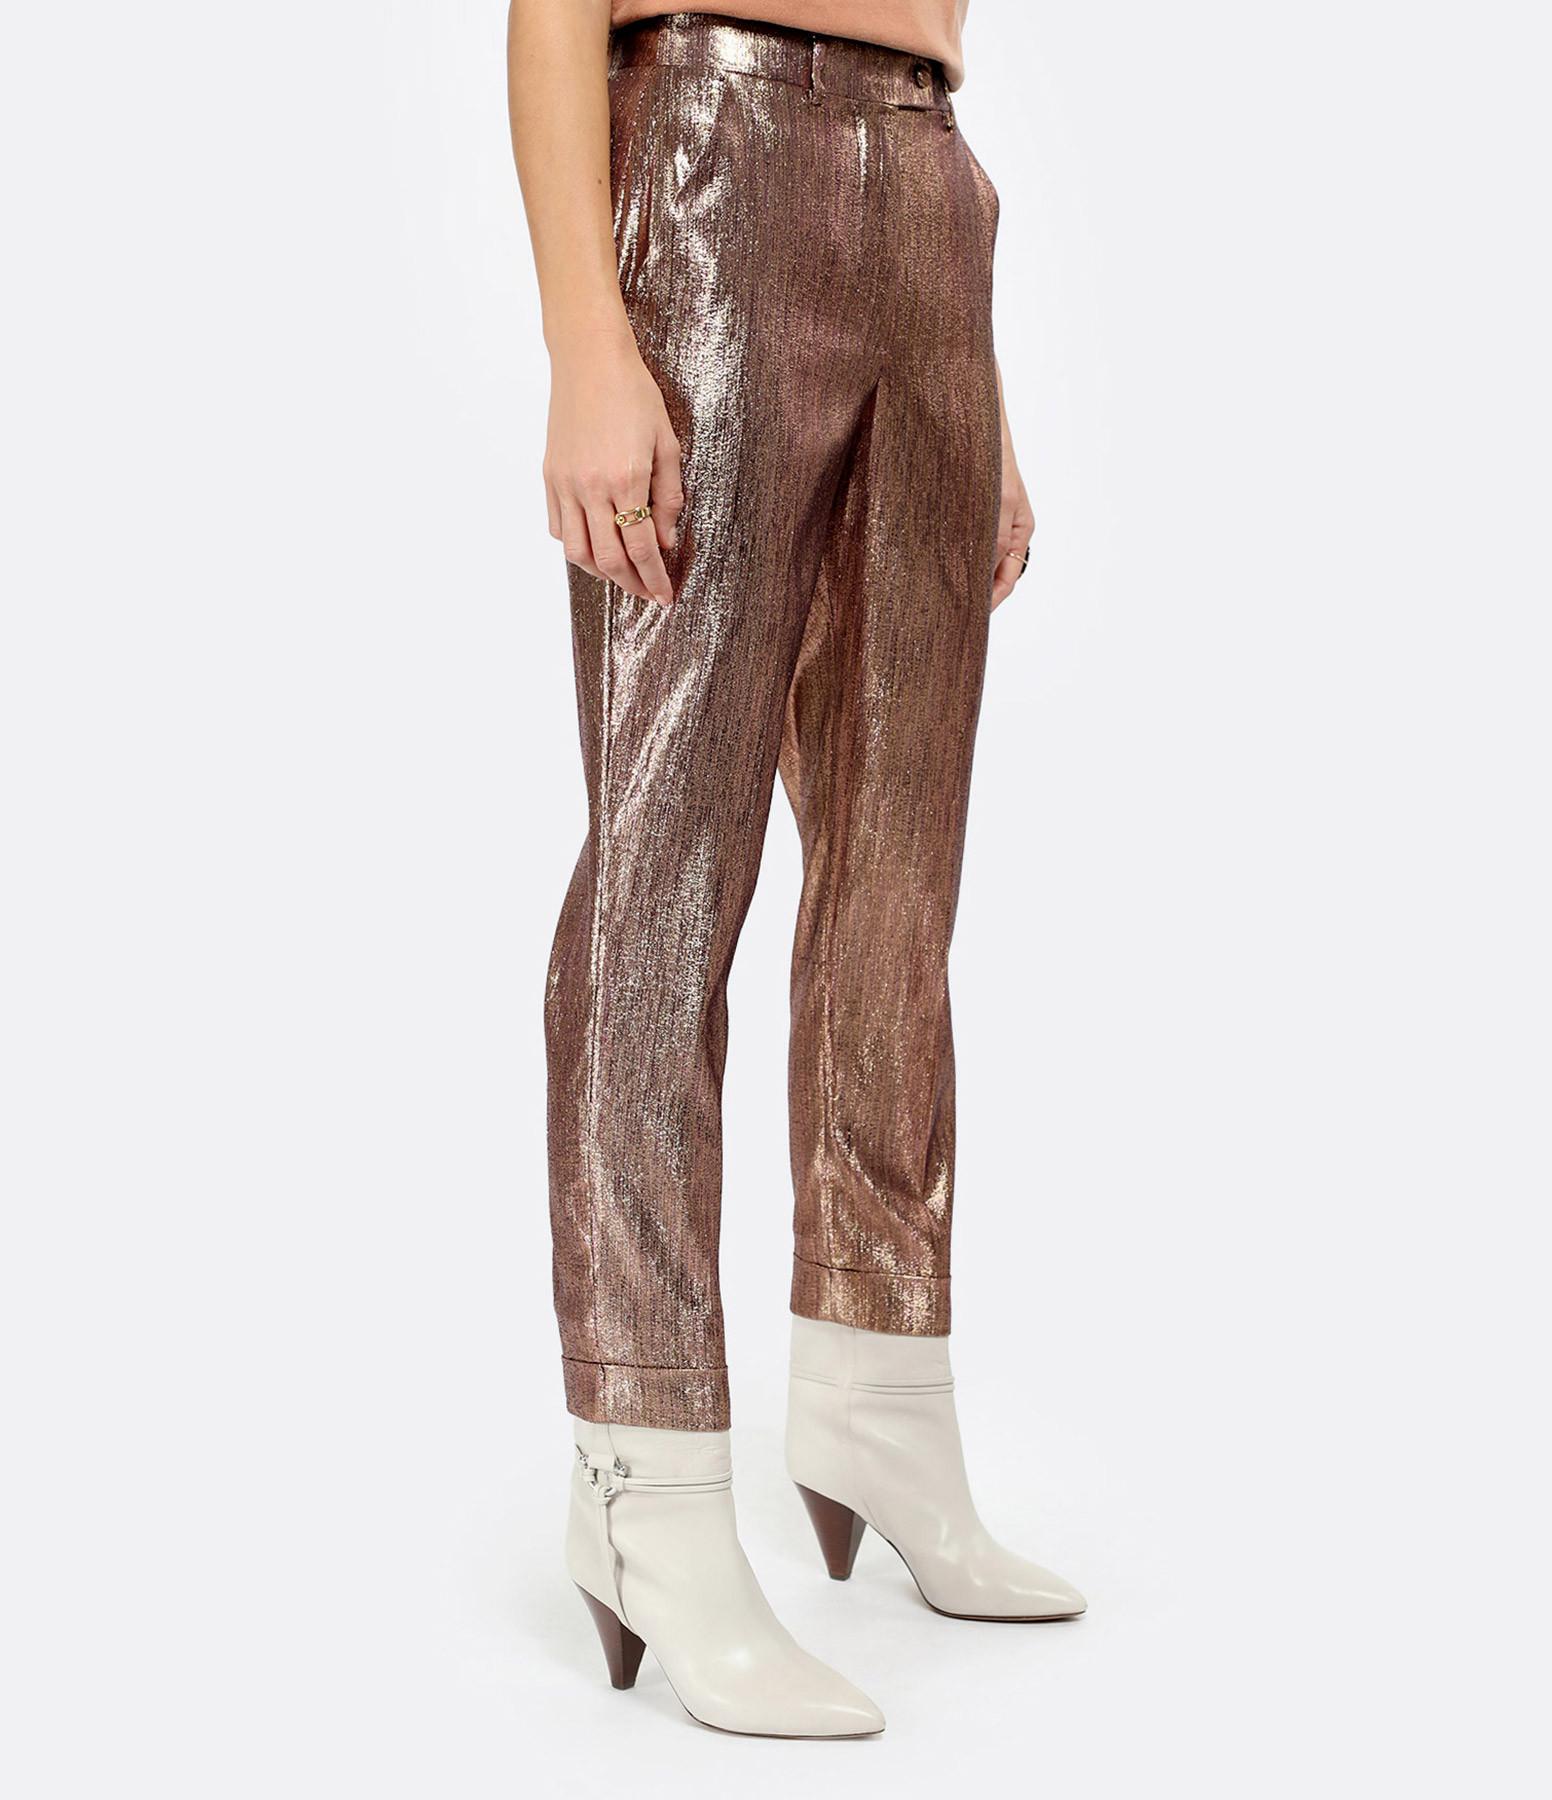 MES DEMOISELLES - Pantalon Aosta Lilas